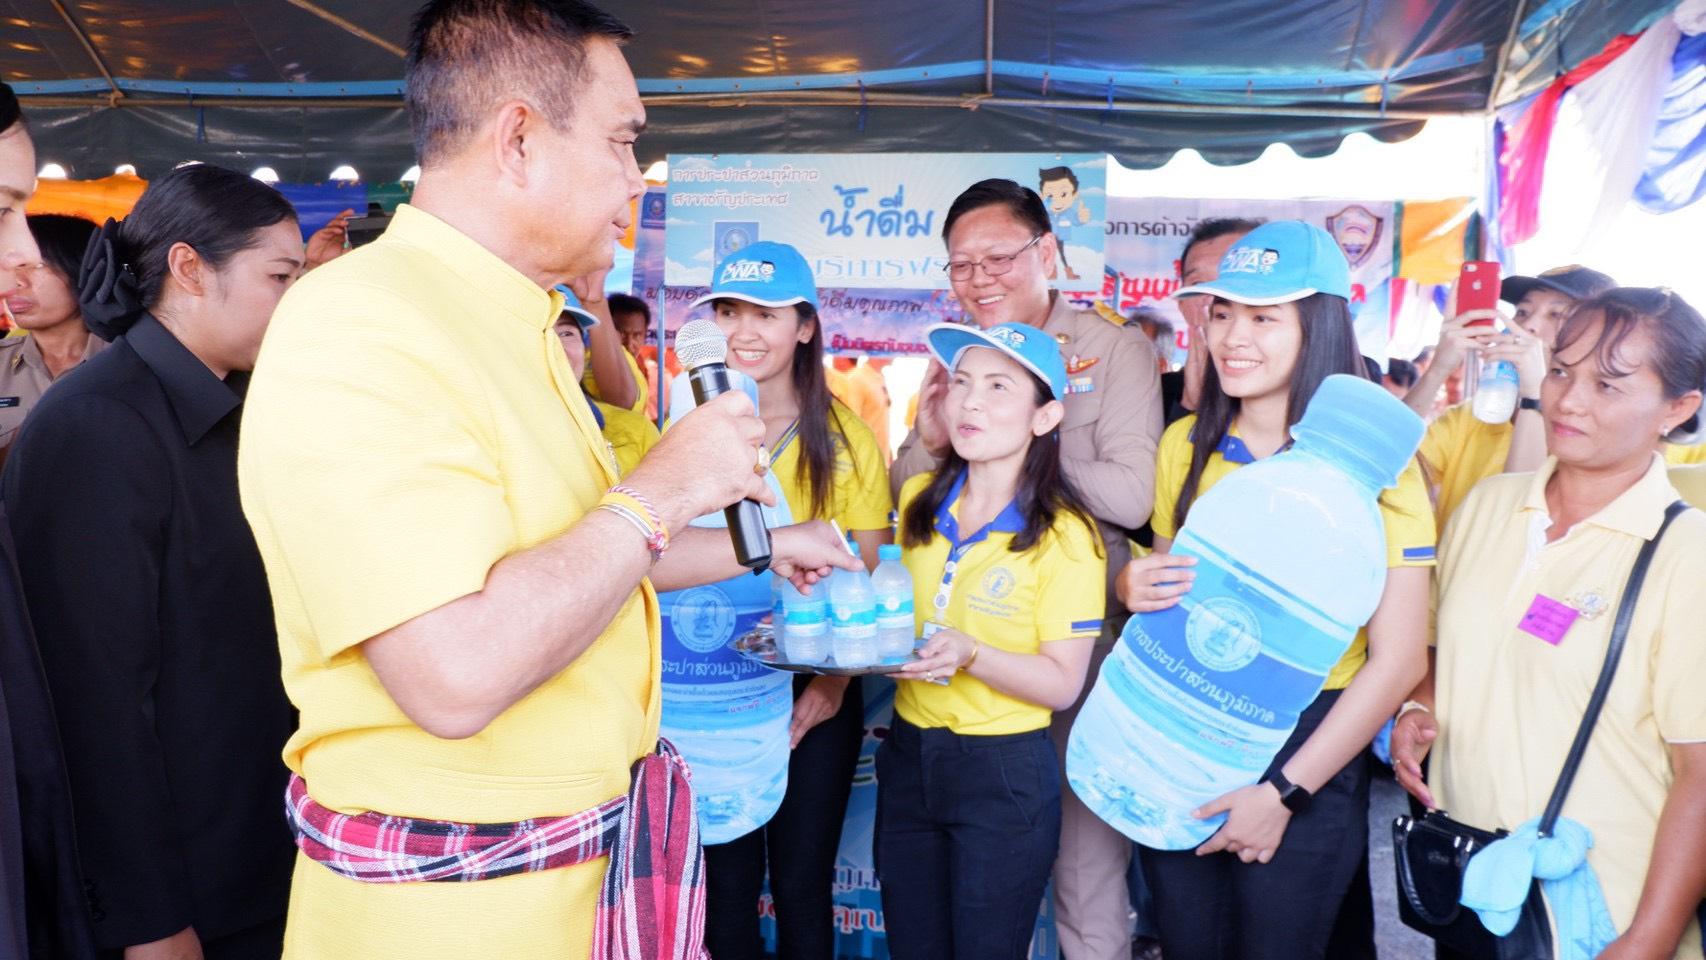 การประปาส่วนภูมิภาค(กปภ.) สาขาอรัญประเทศ เข้าพิธีฉลองความสำเร็จในการก่อสร้างสะพานมิตรภาพไทย – กัมพูชา (บ้านหนองเ